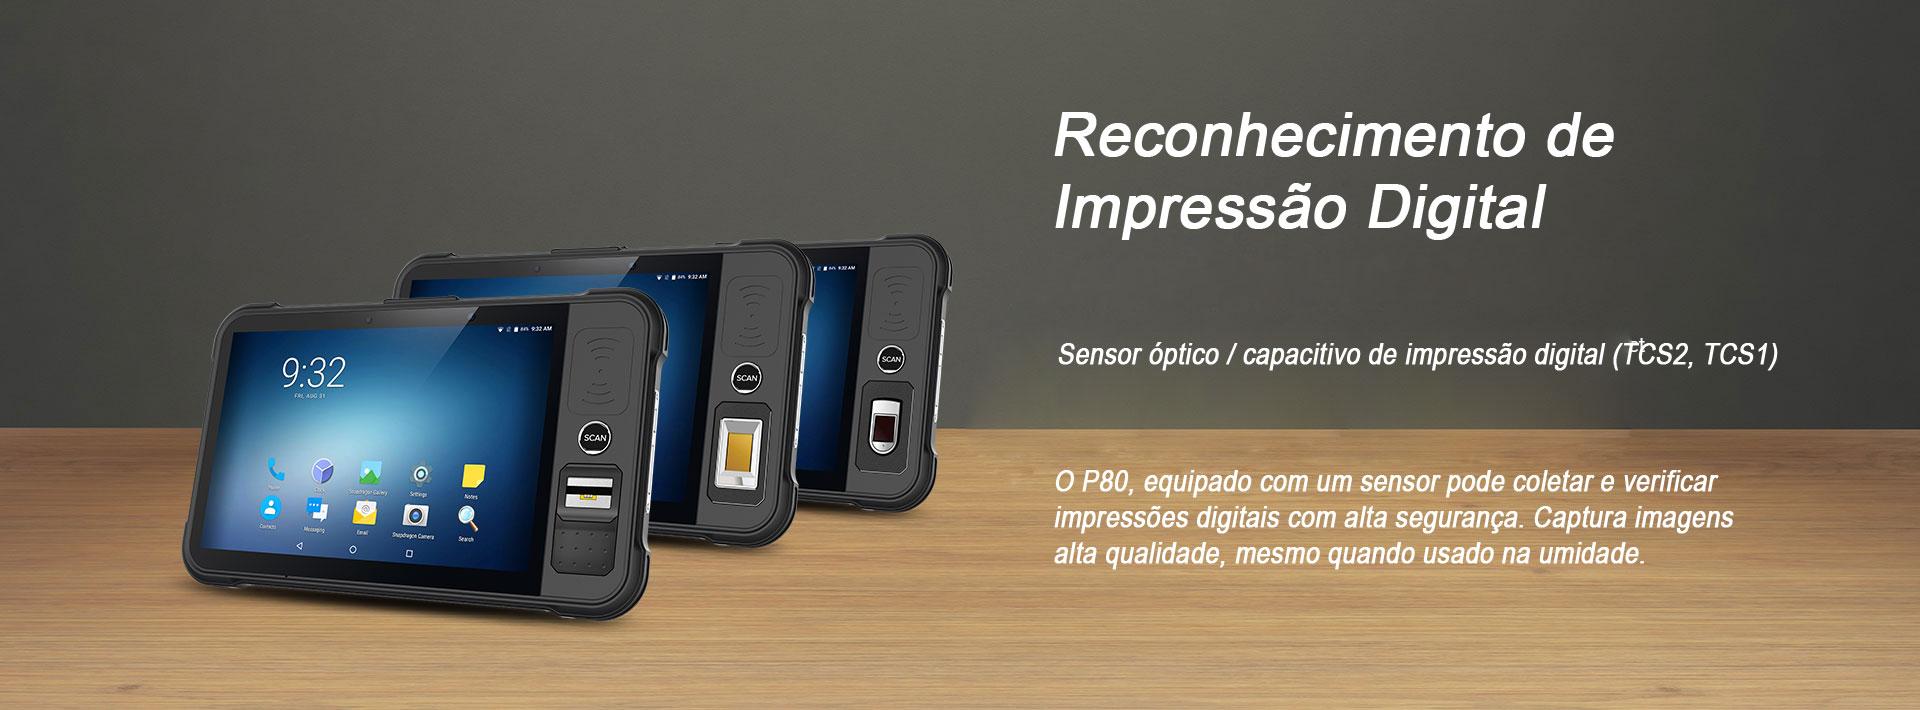 Tablet Industrial P80 impressao digital